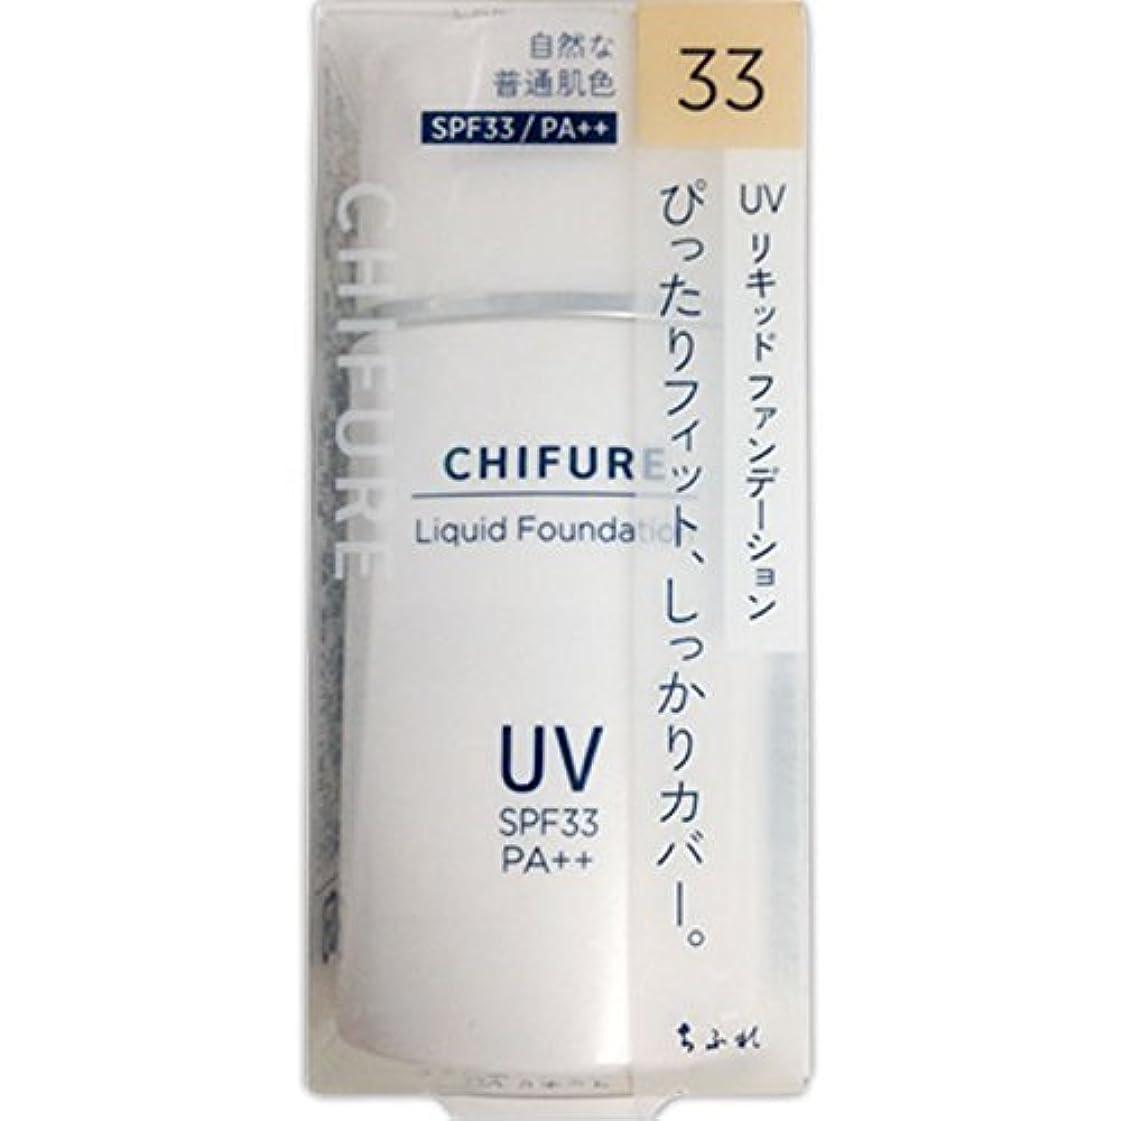 受ける自分を引き上げるとげちふれ化粧品 UV リキッド ファンデーション 33 自然な普通肌色 30ML